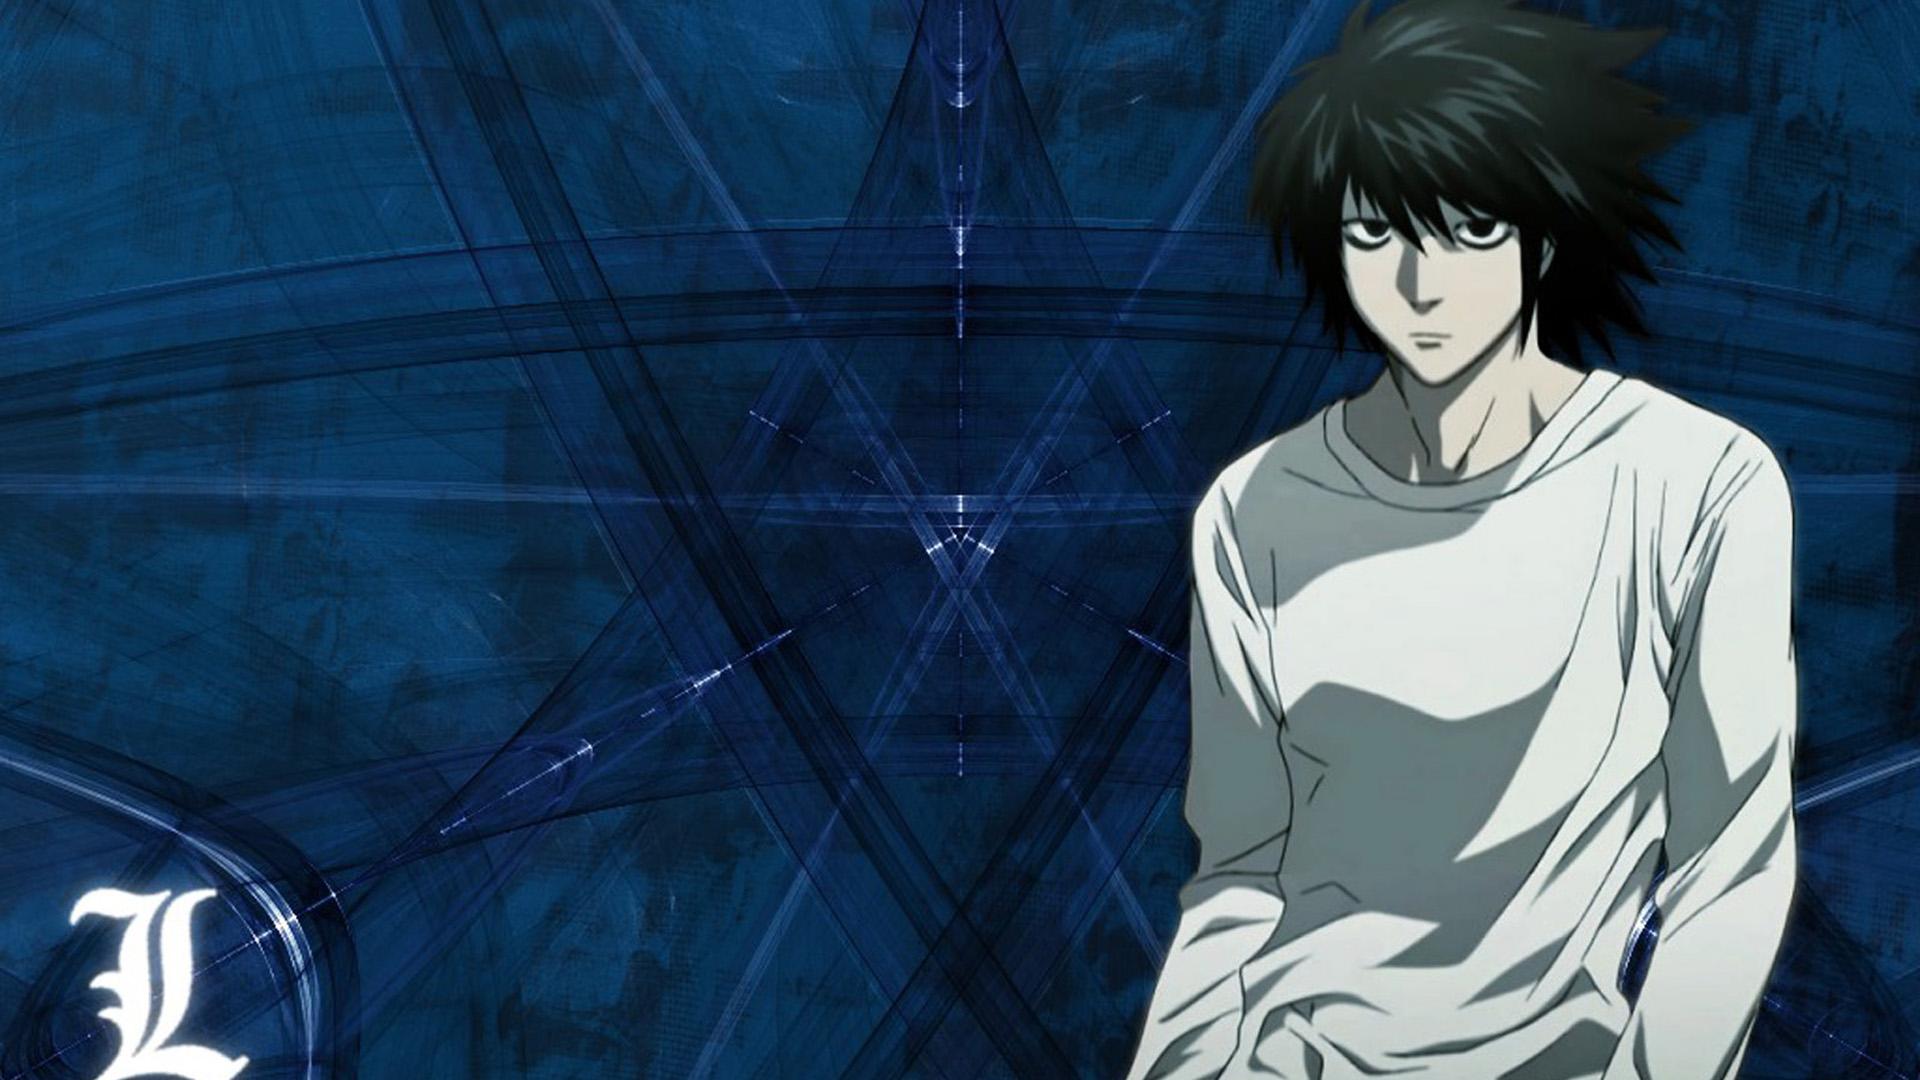 Death Note - L   PS4Wallpapers.com